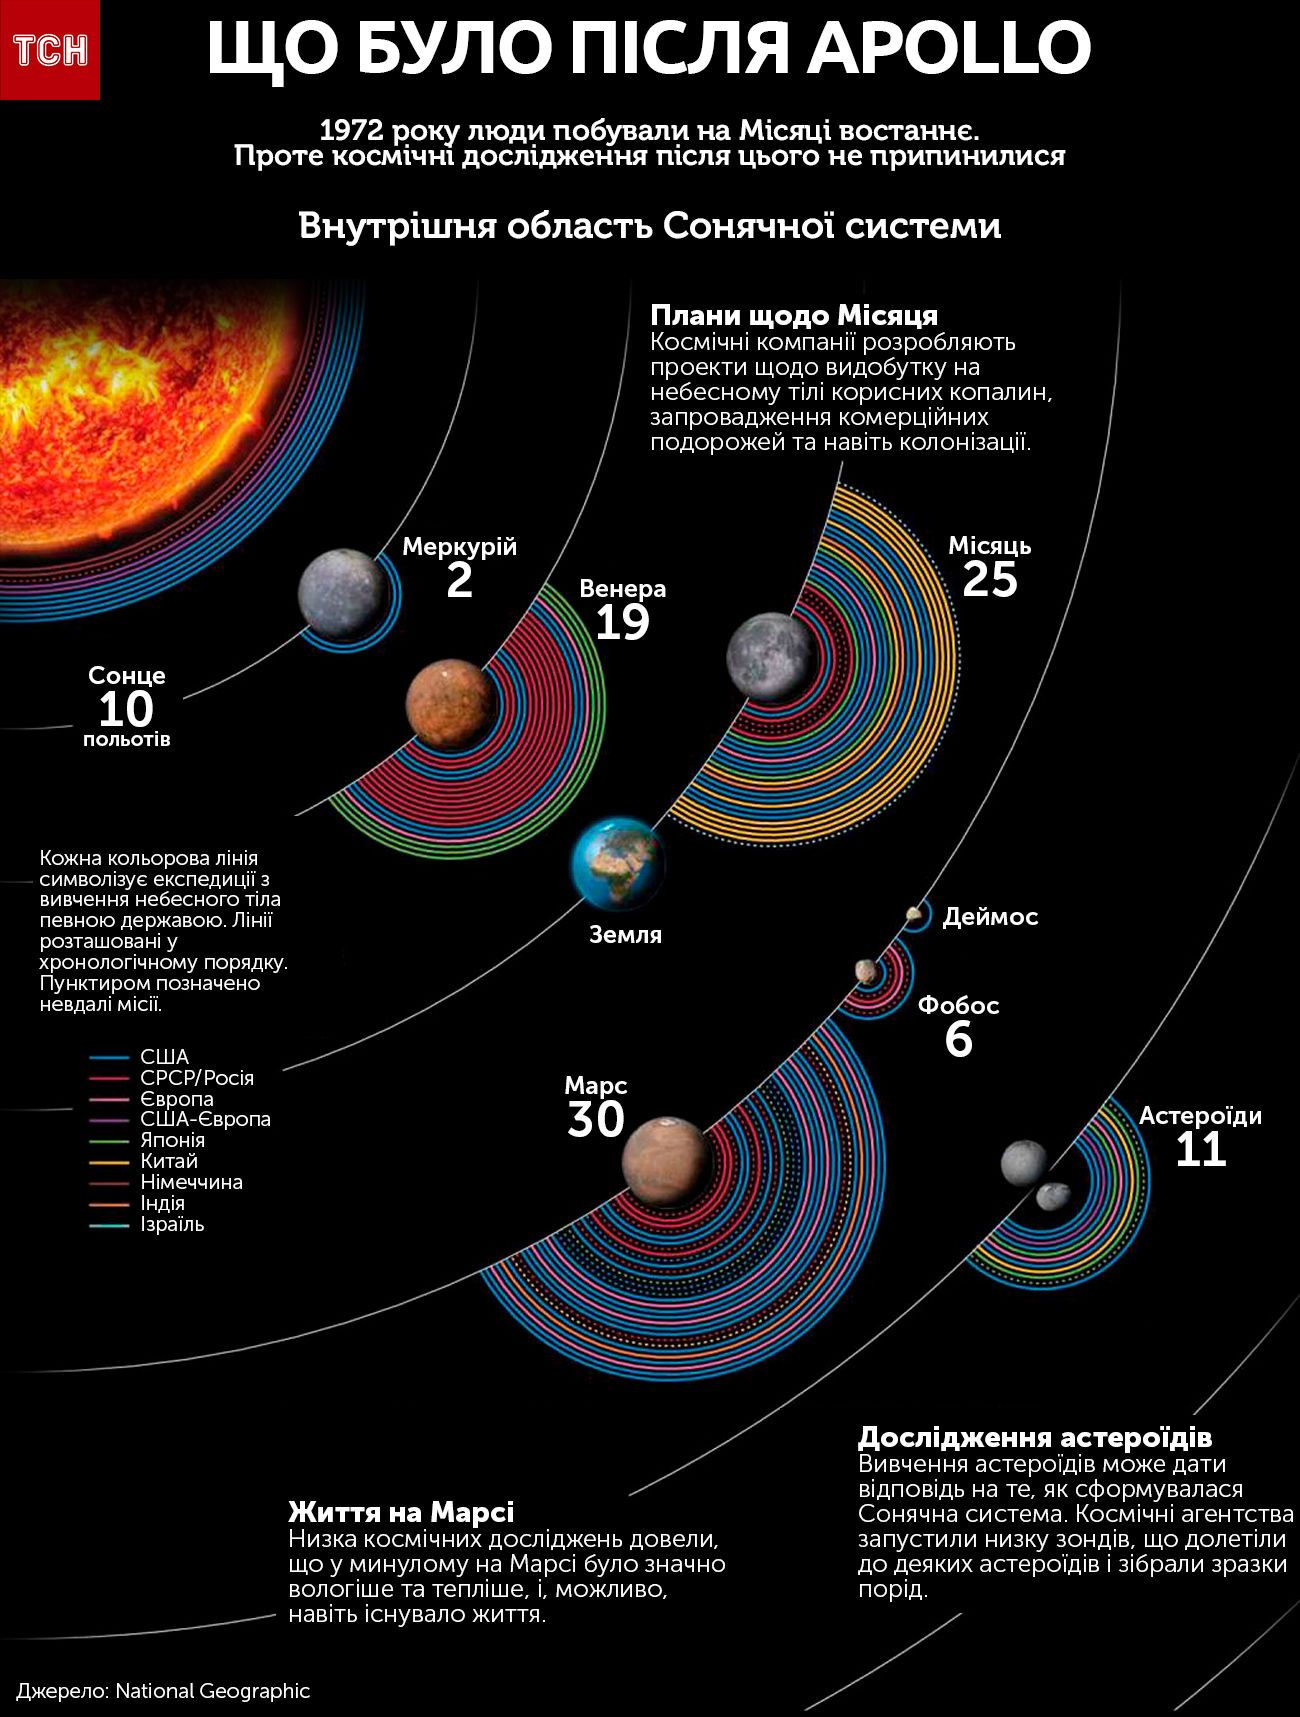 Що було після Apollo інфографіка